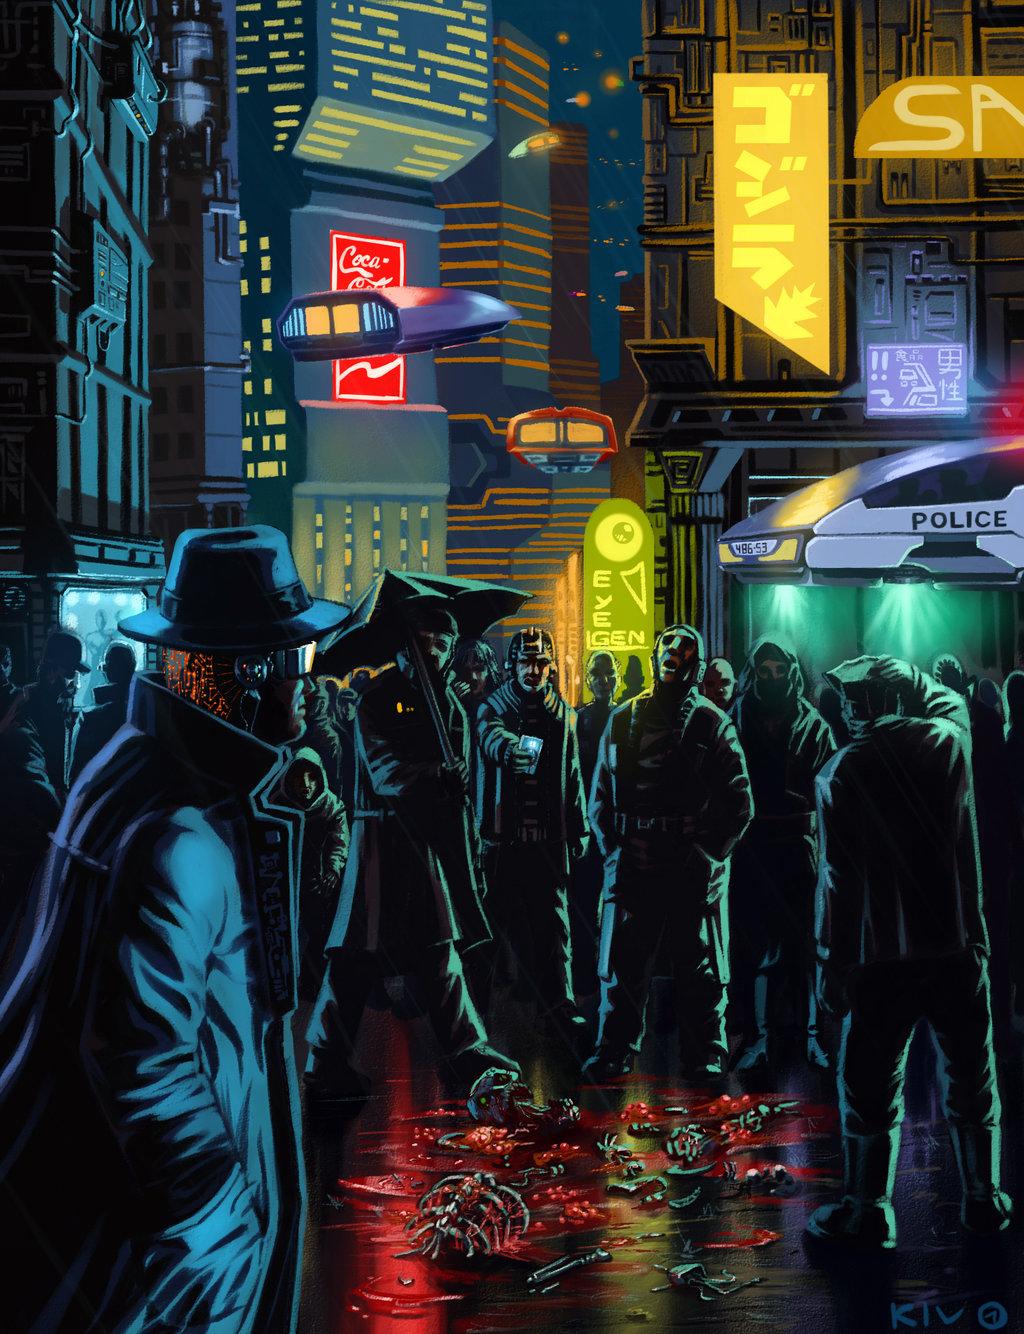 Source: Decepticoin on Deviantart  http://www.deviantart.com/art/Cyberpunk-407777837